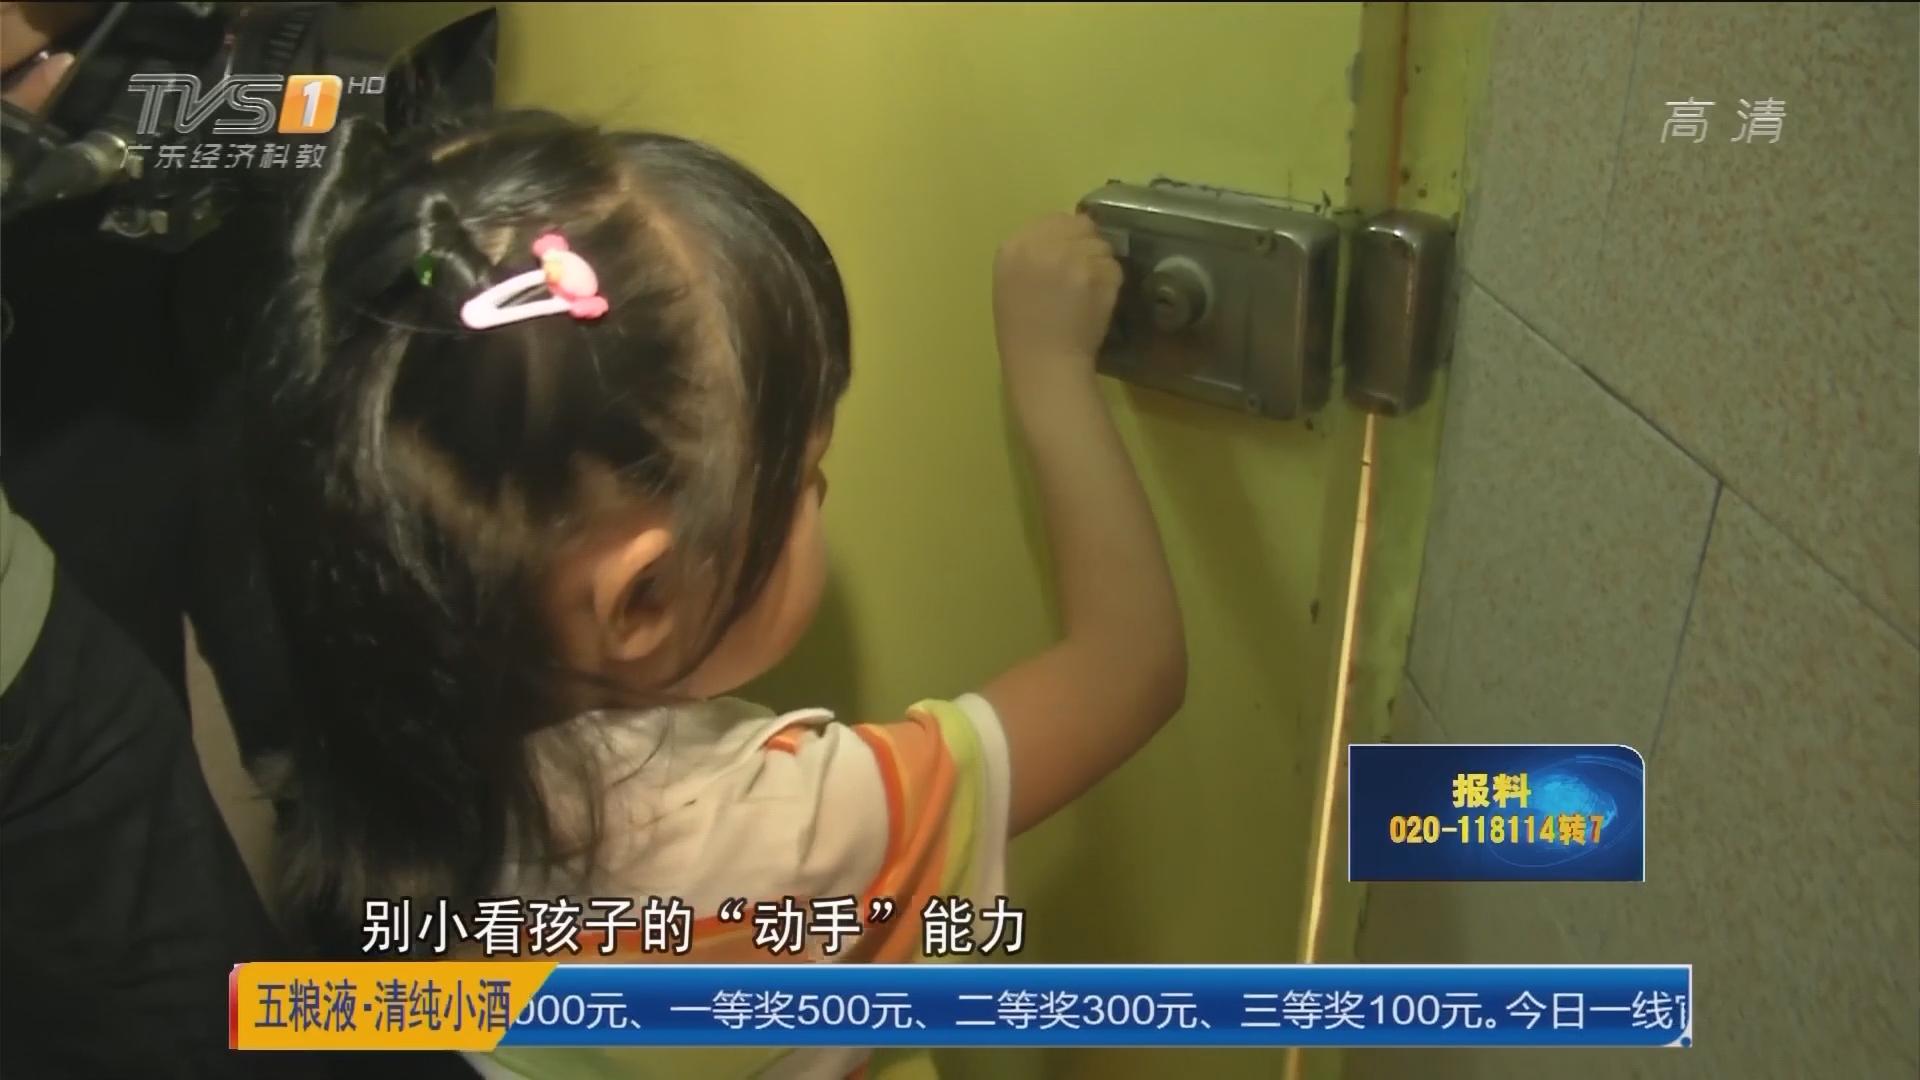 """谨防小孩走丢:佛山 幼儿园""""开锁测试""""萌娃连开两重锁"""